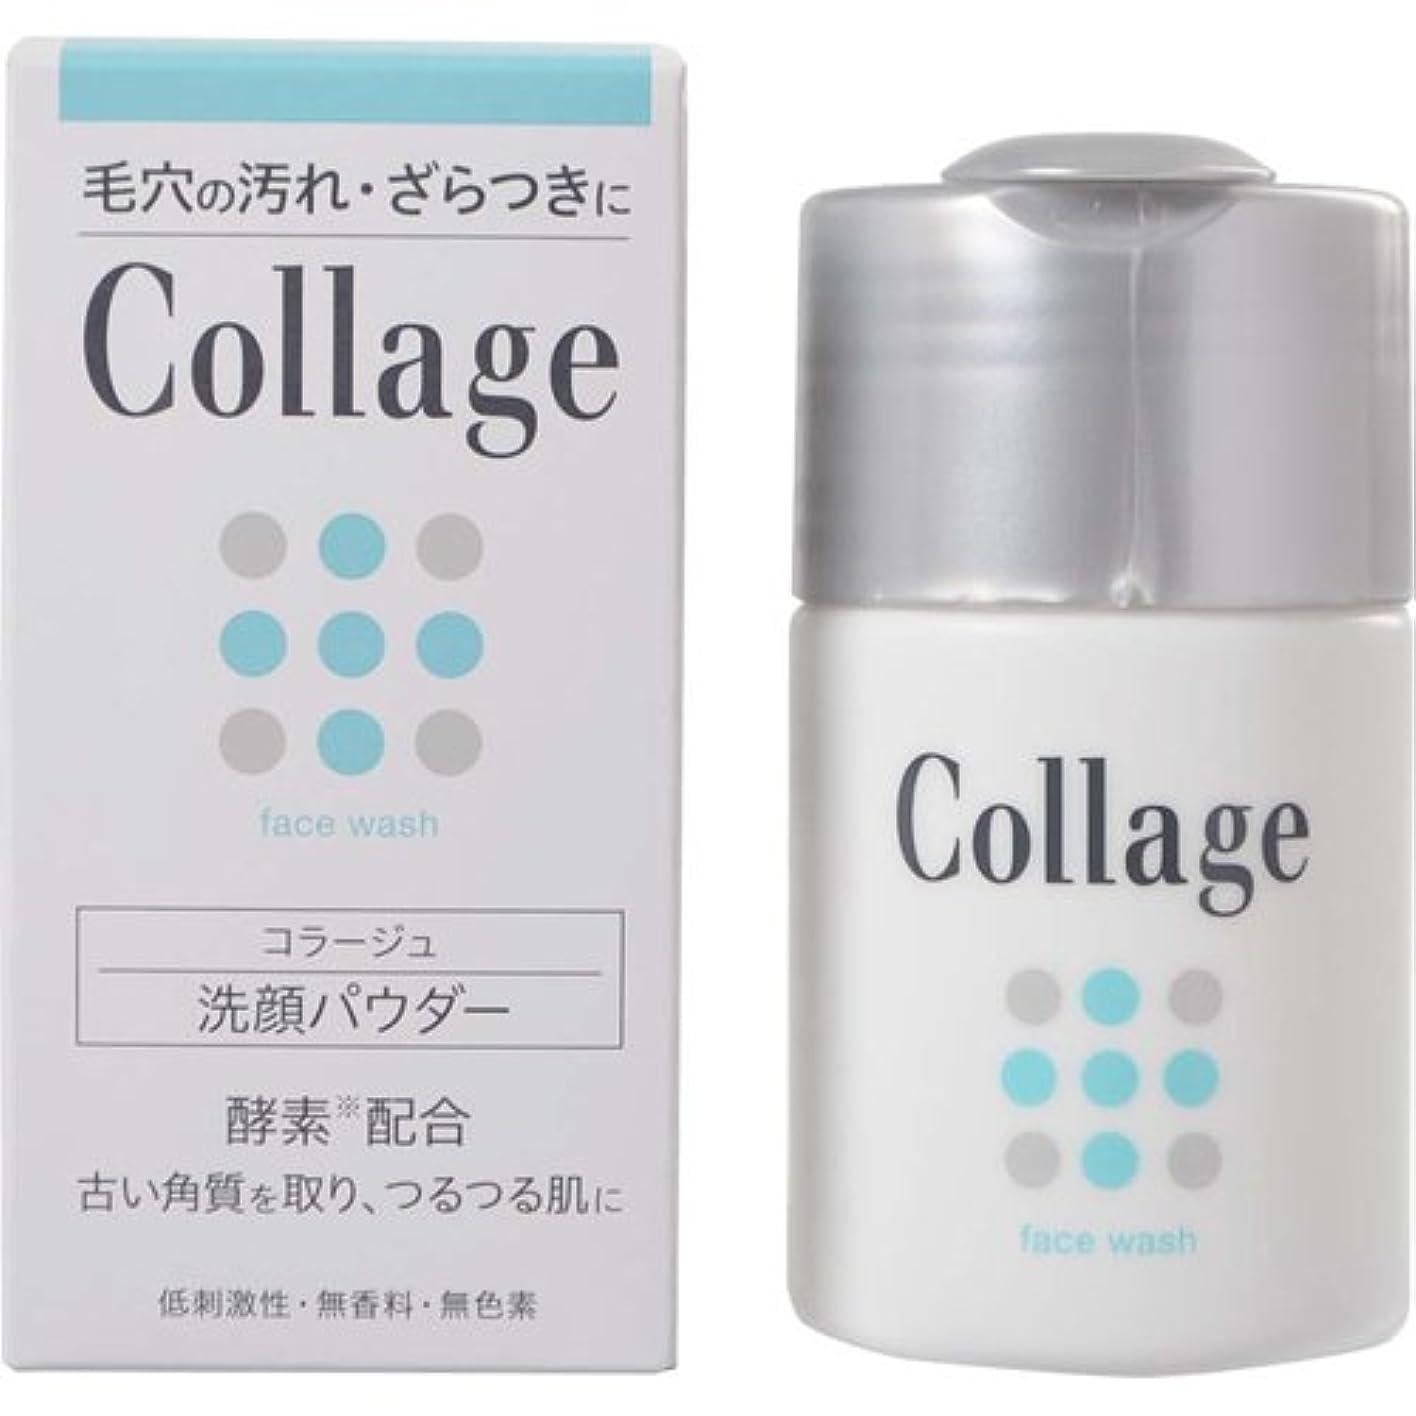 成熟有能な屈辱するコラージュ 洗顔パウダー 40g